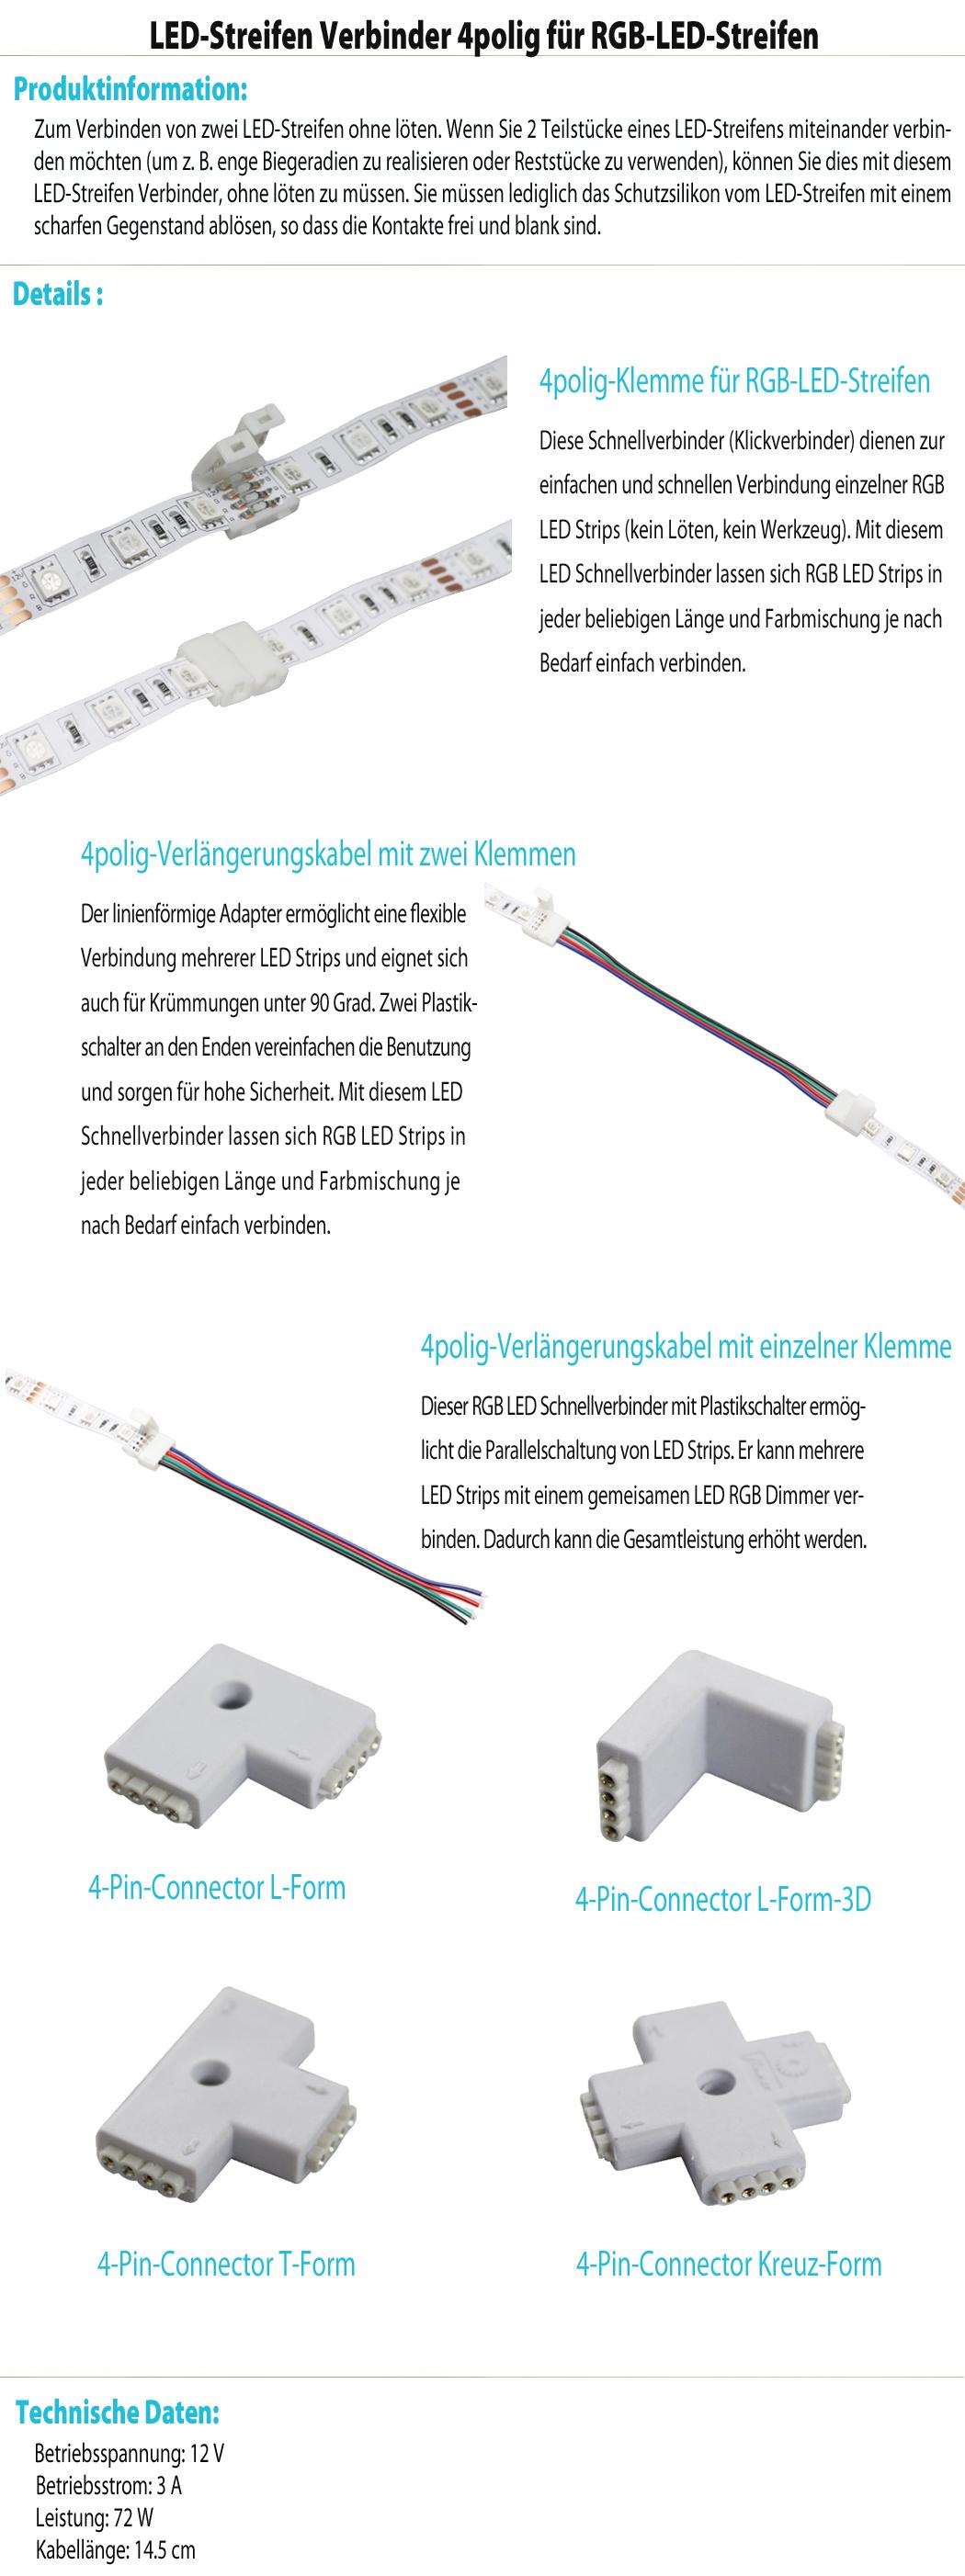 schnellverbinder connector verl ngerungskabel l t verbinder f r rgb led strip ebay. Black Bedroom Furniture Sets. Home Design Ideas